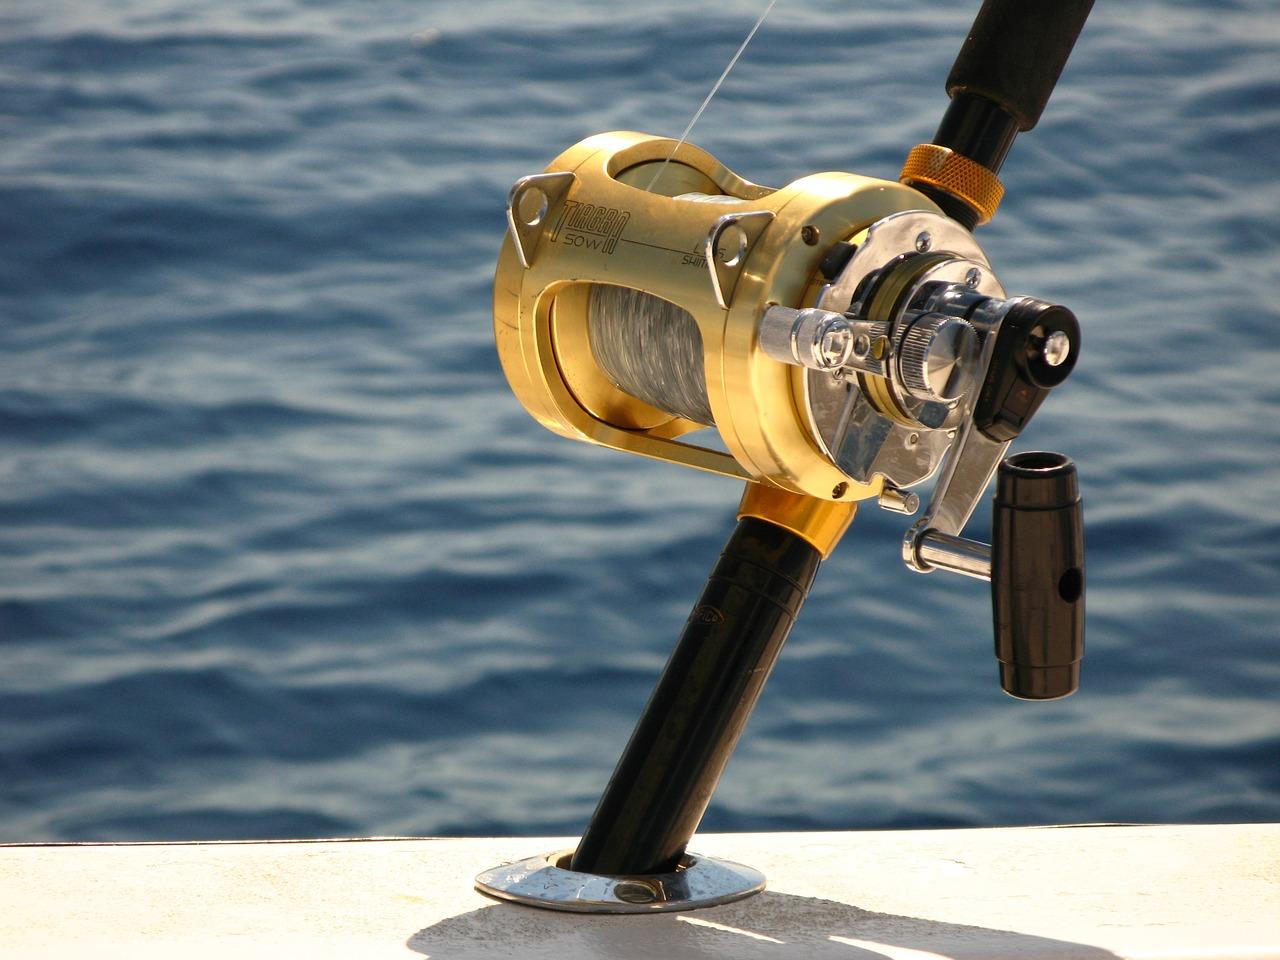 Shimano Tiagra 50w Sea Fishing Reel